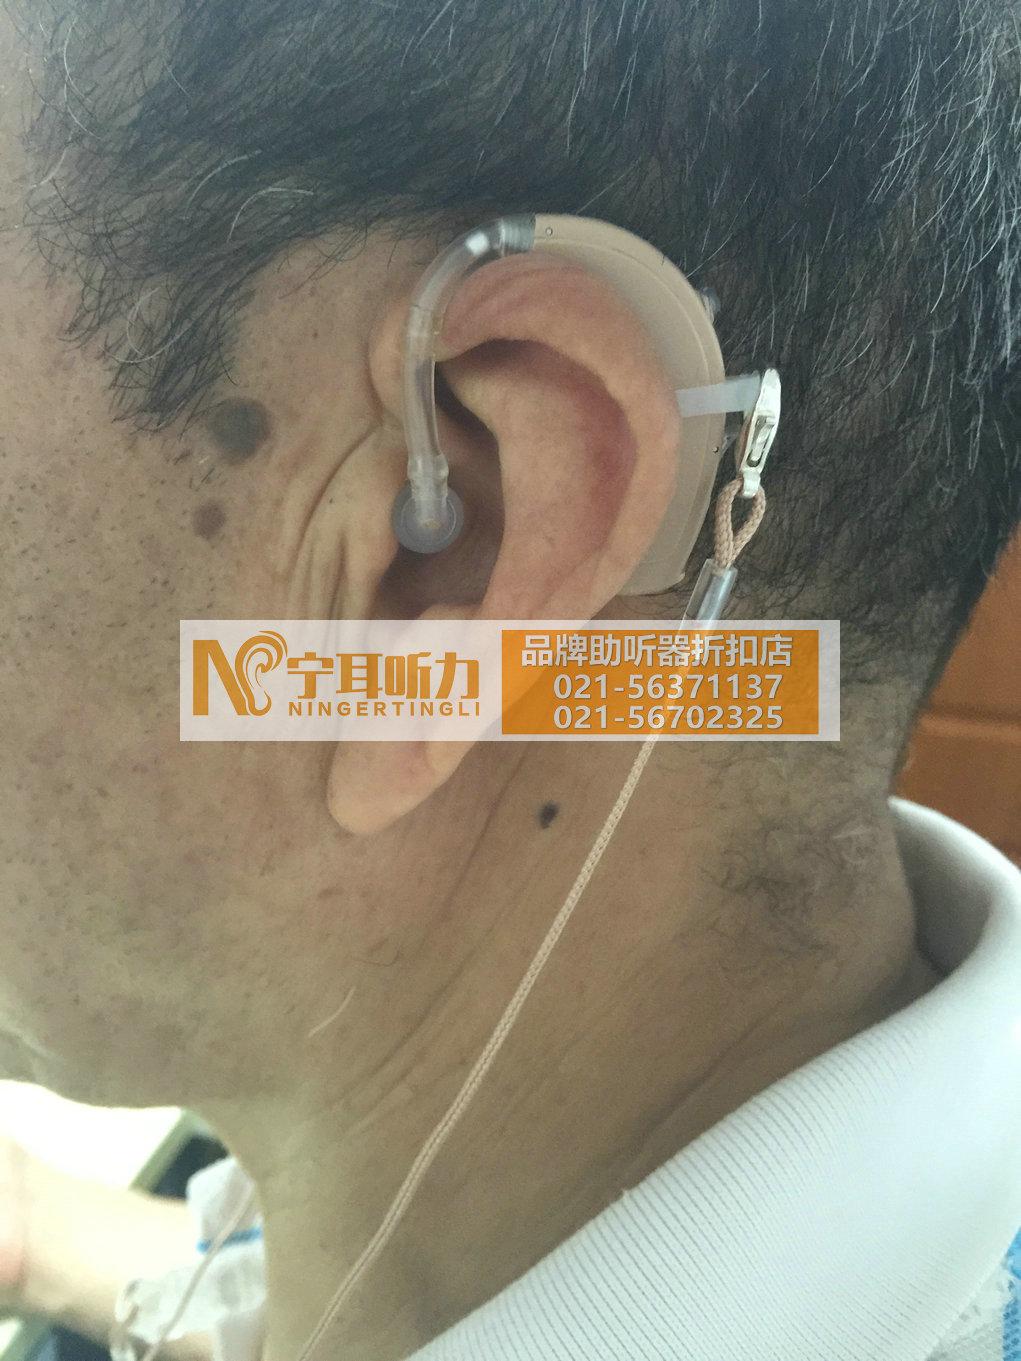 上海哪买国产助听器